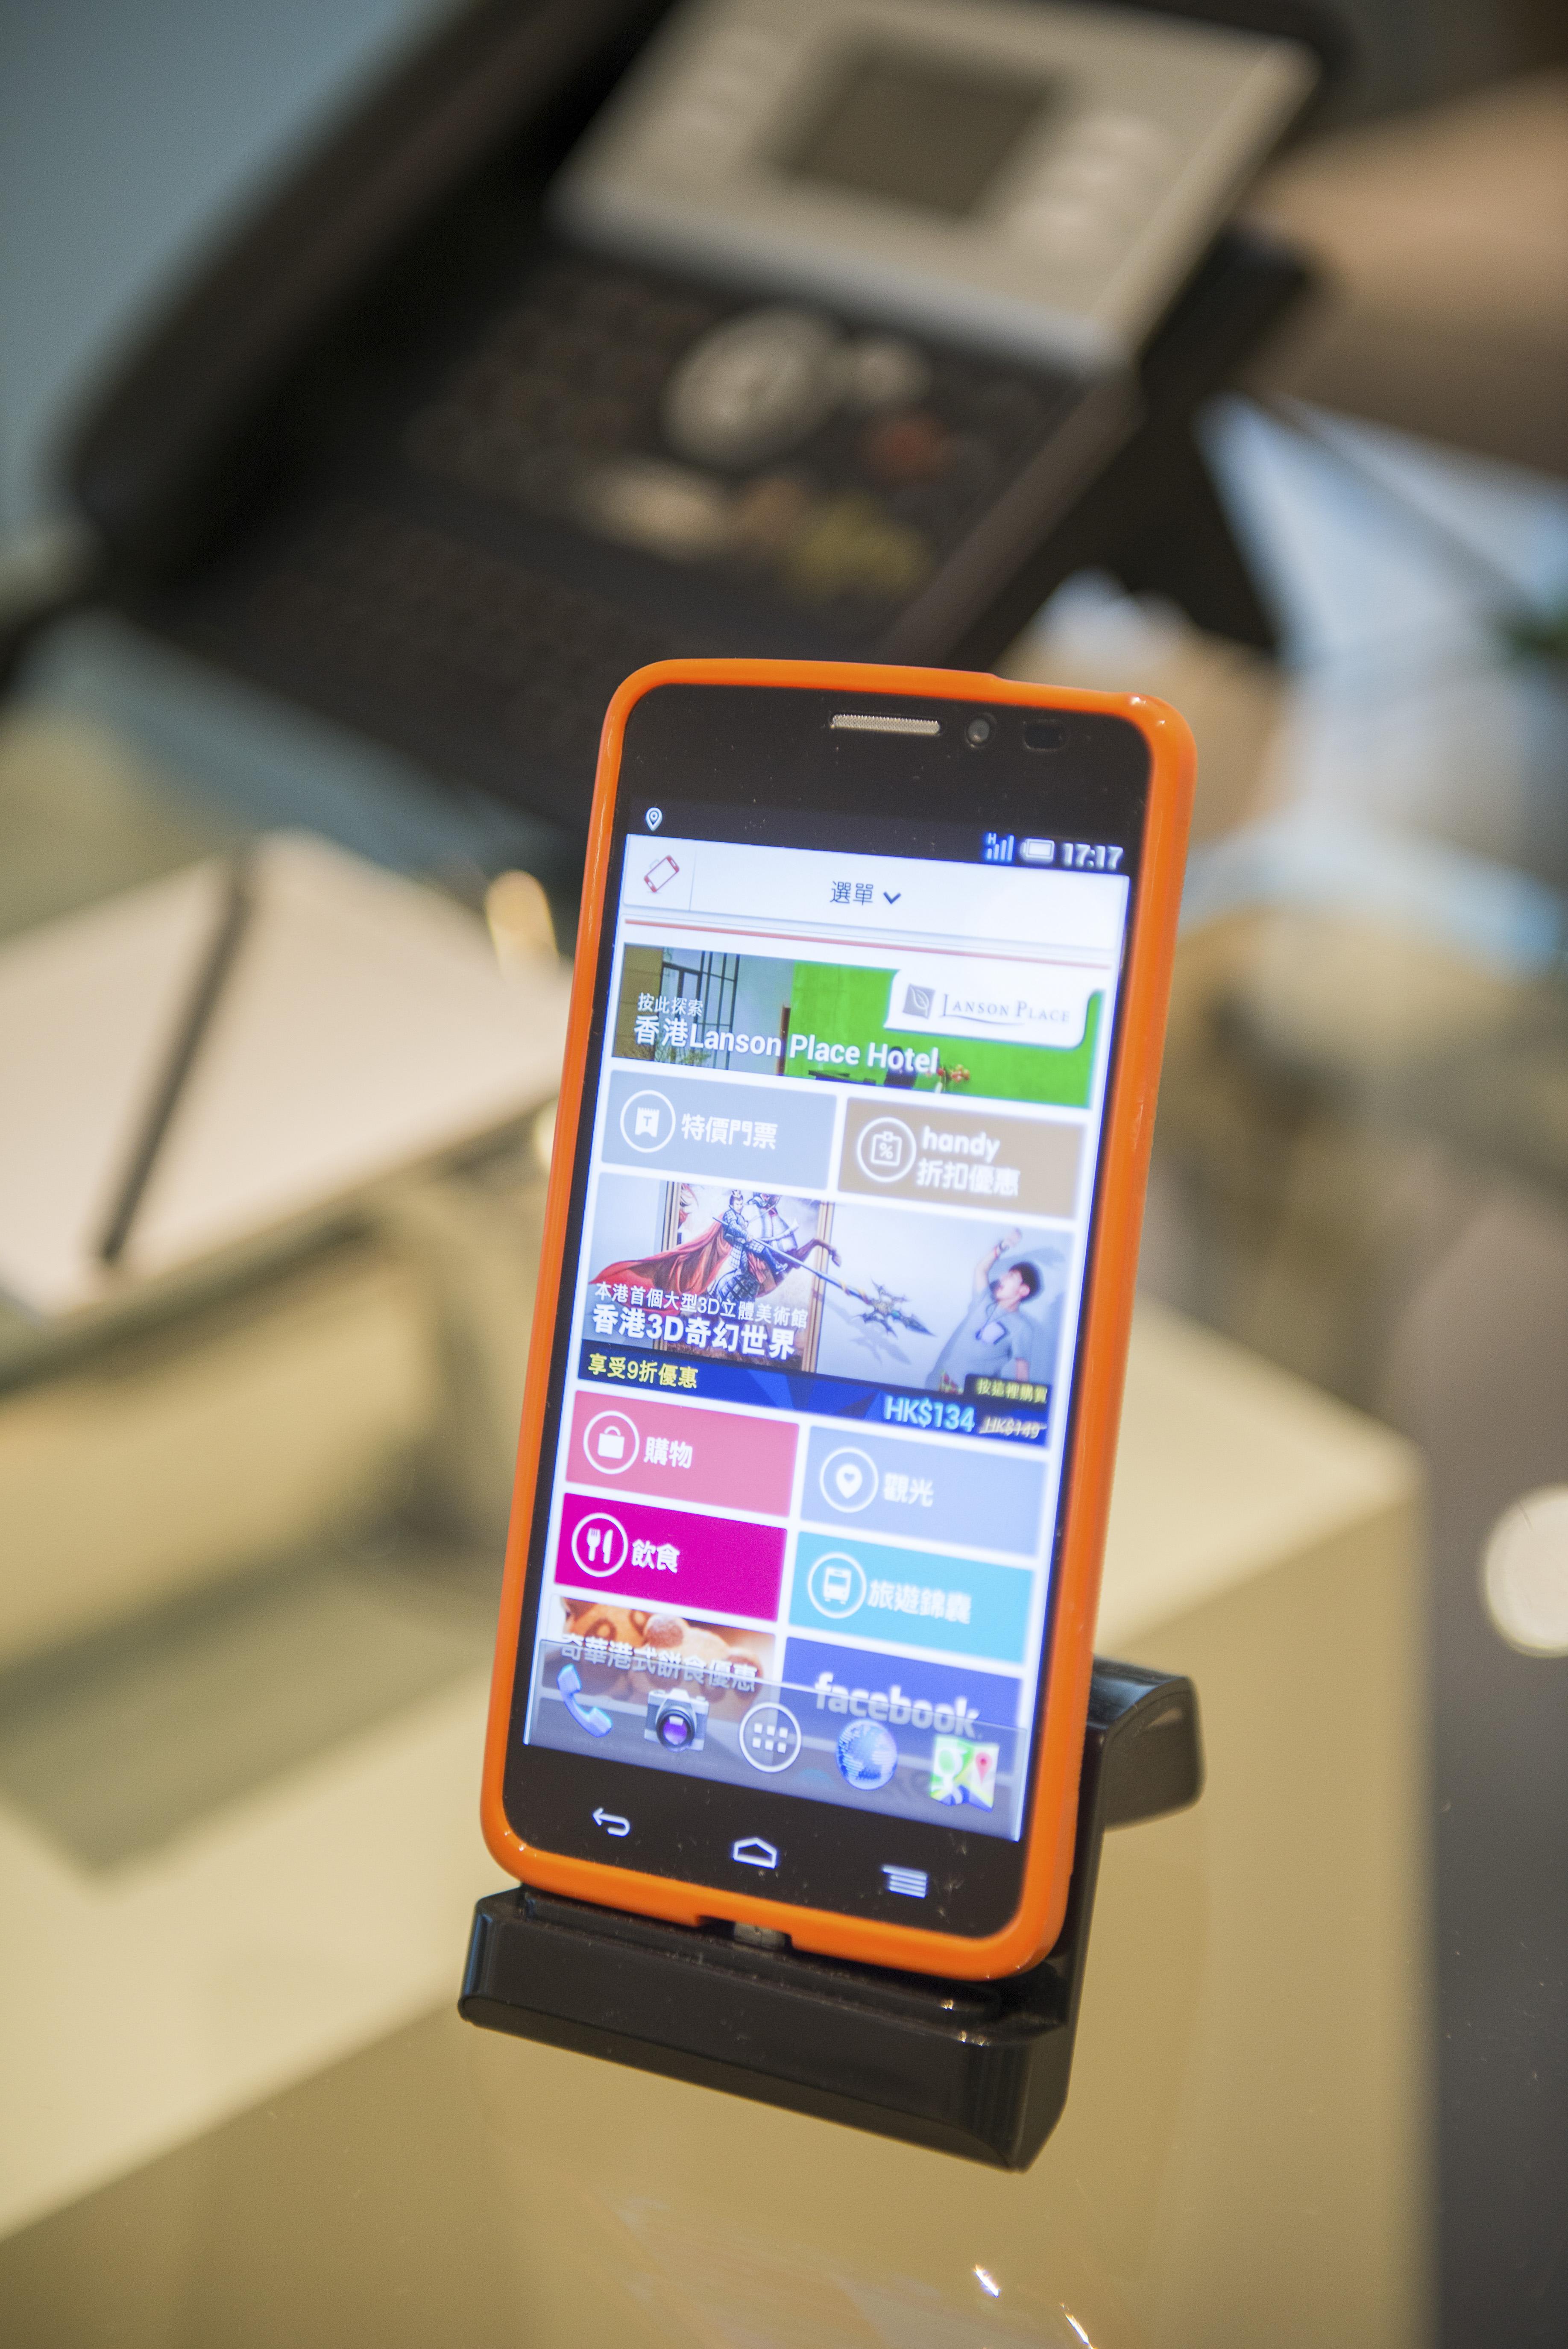 使用手機購物場景已成為網路購物主流,靈活掌握行動端購物趨勢成為電商平台的必修課。